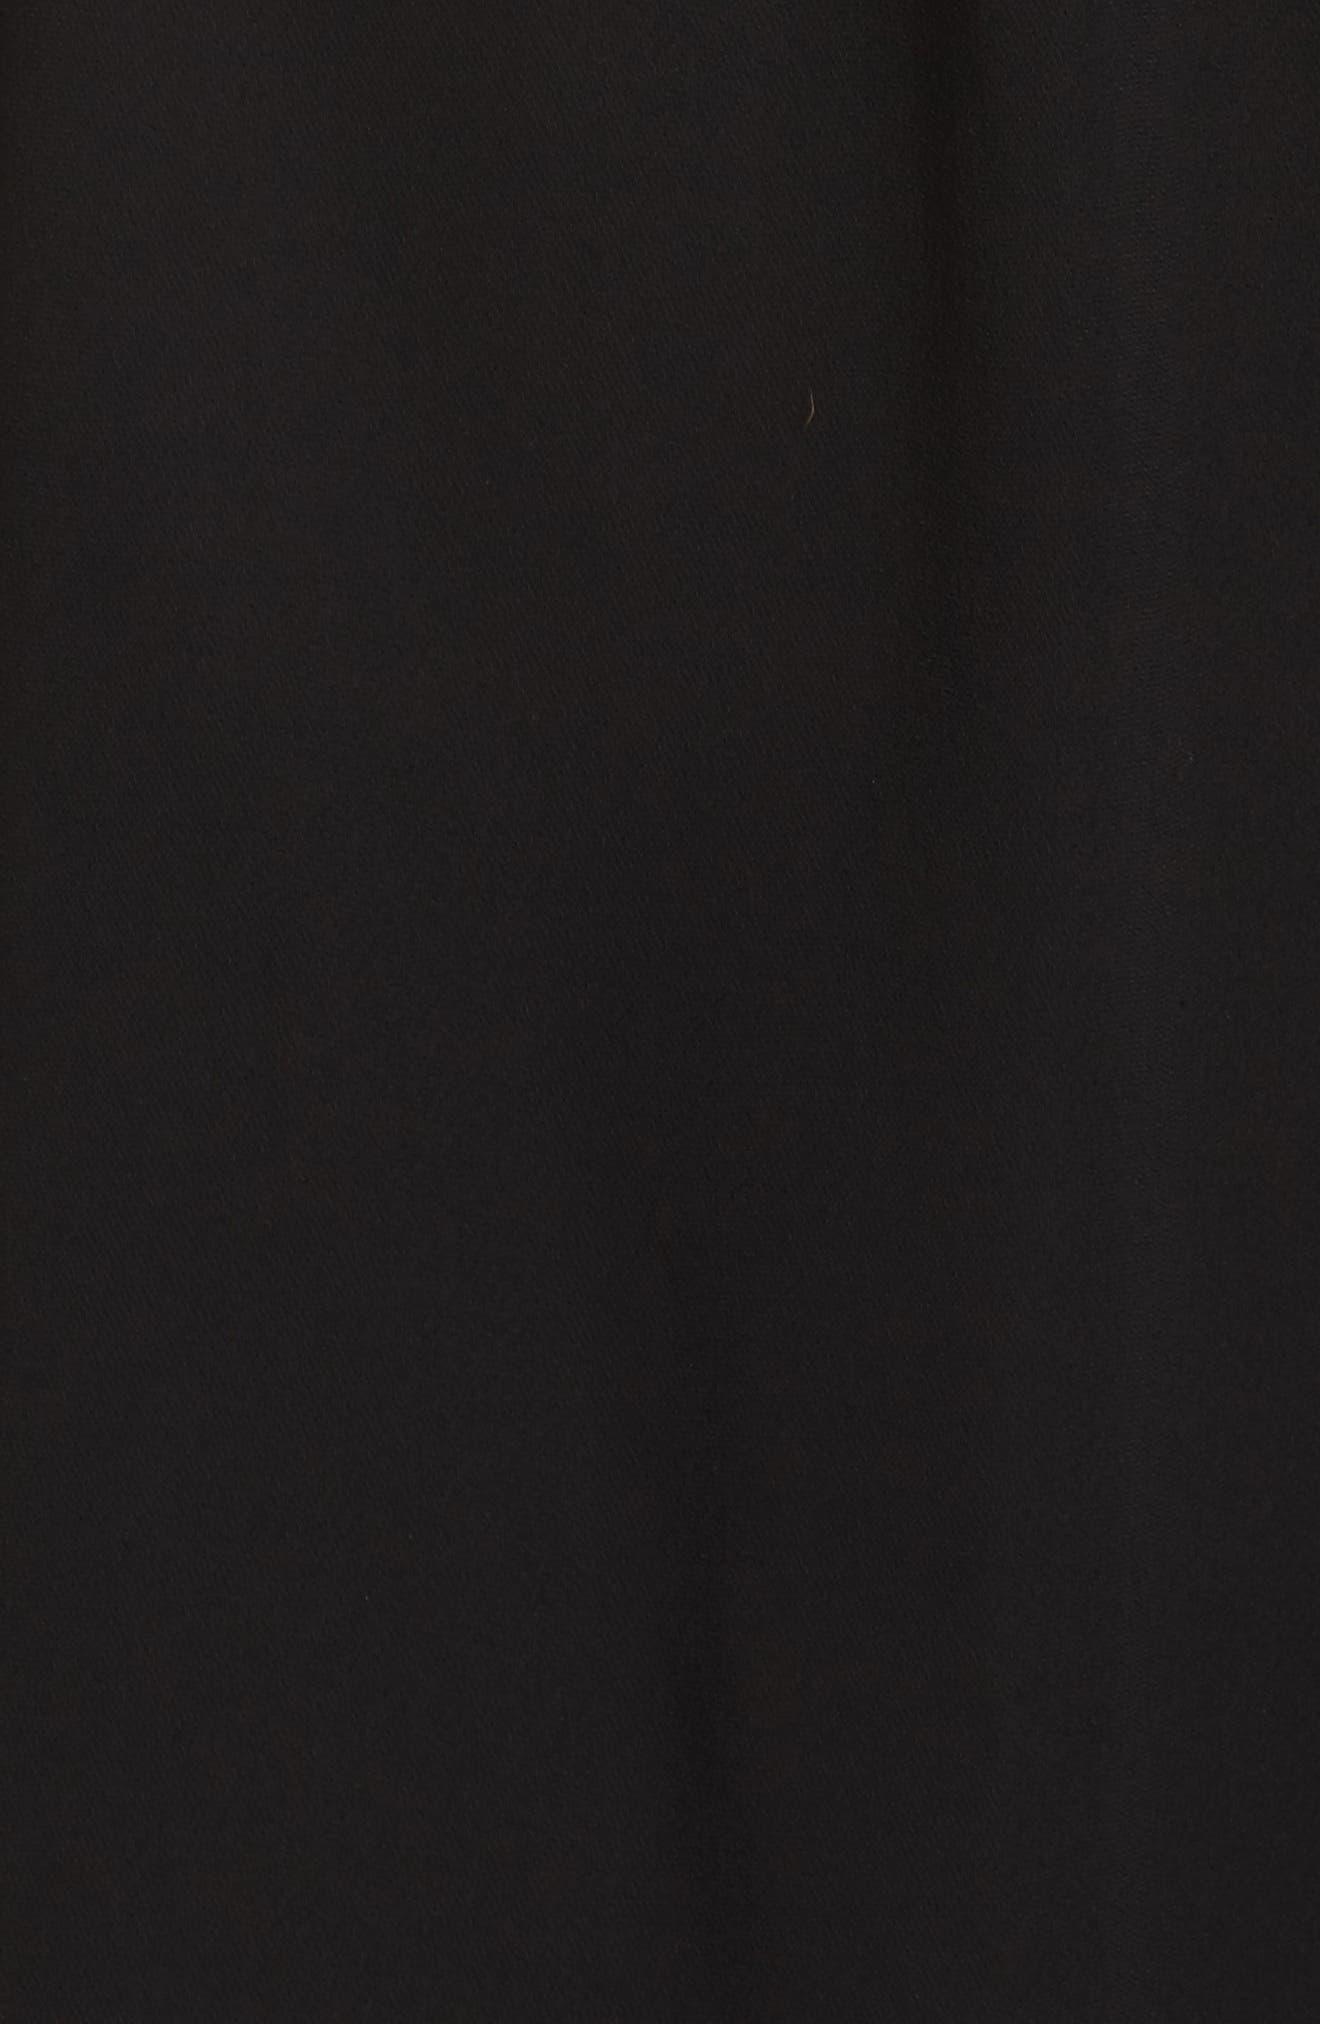 Evening Dew One-Shoulder Dress,                             Alternate thumbnail 5, color,                             Black